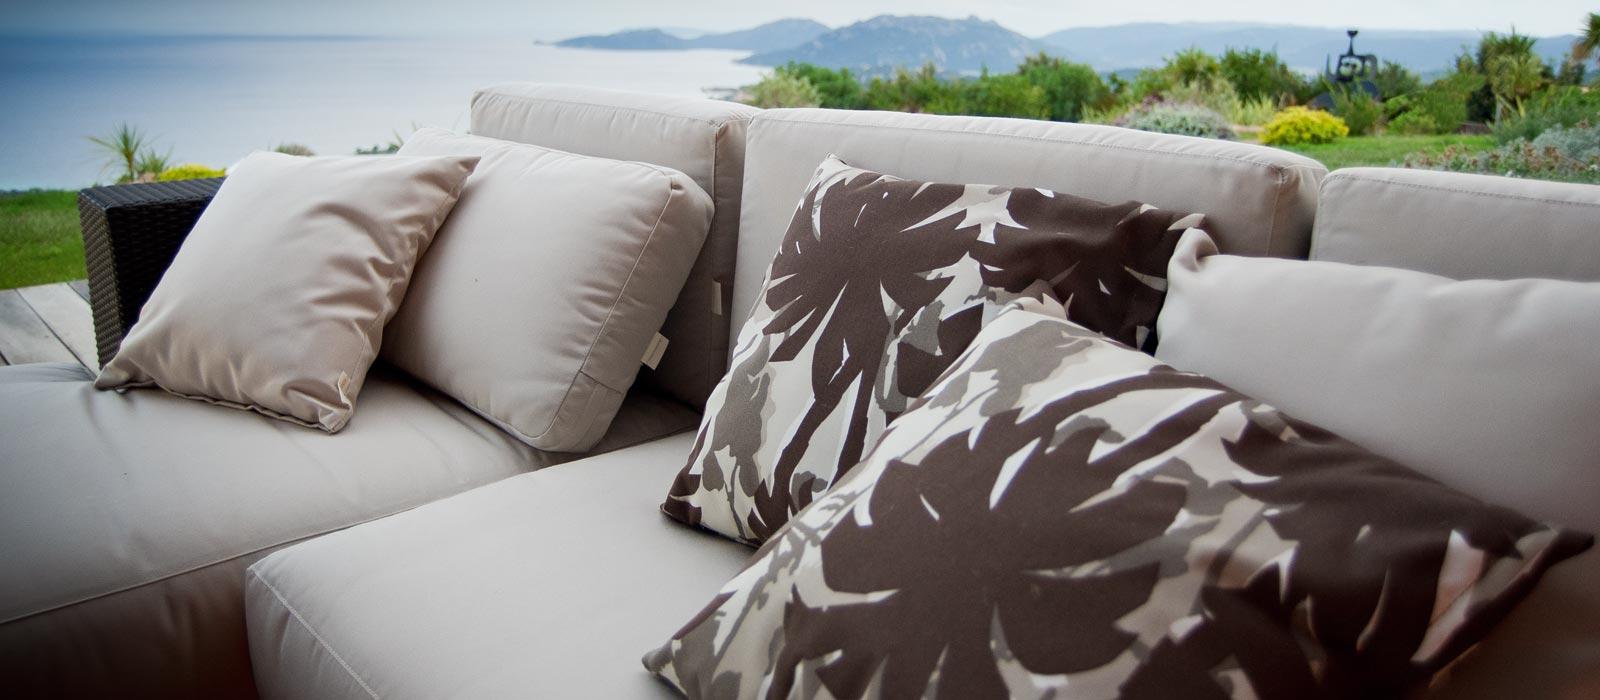 Cojines de exterior decorativos cojines de exterior - Cojines sillas terraza ...